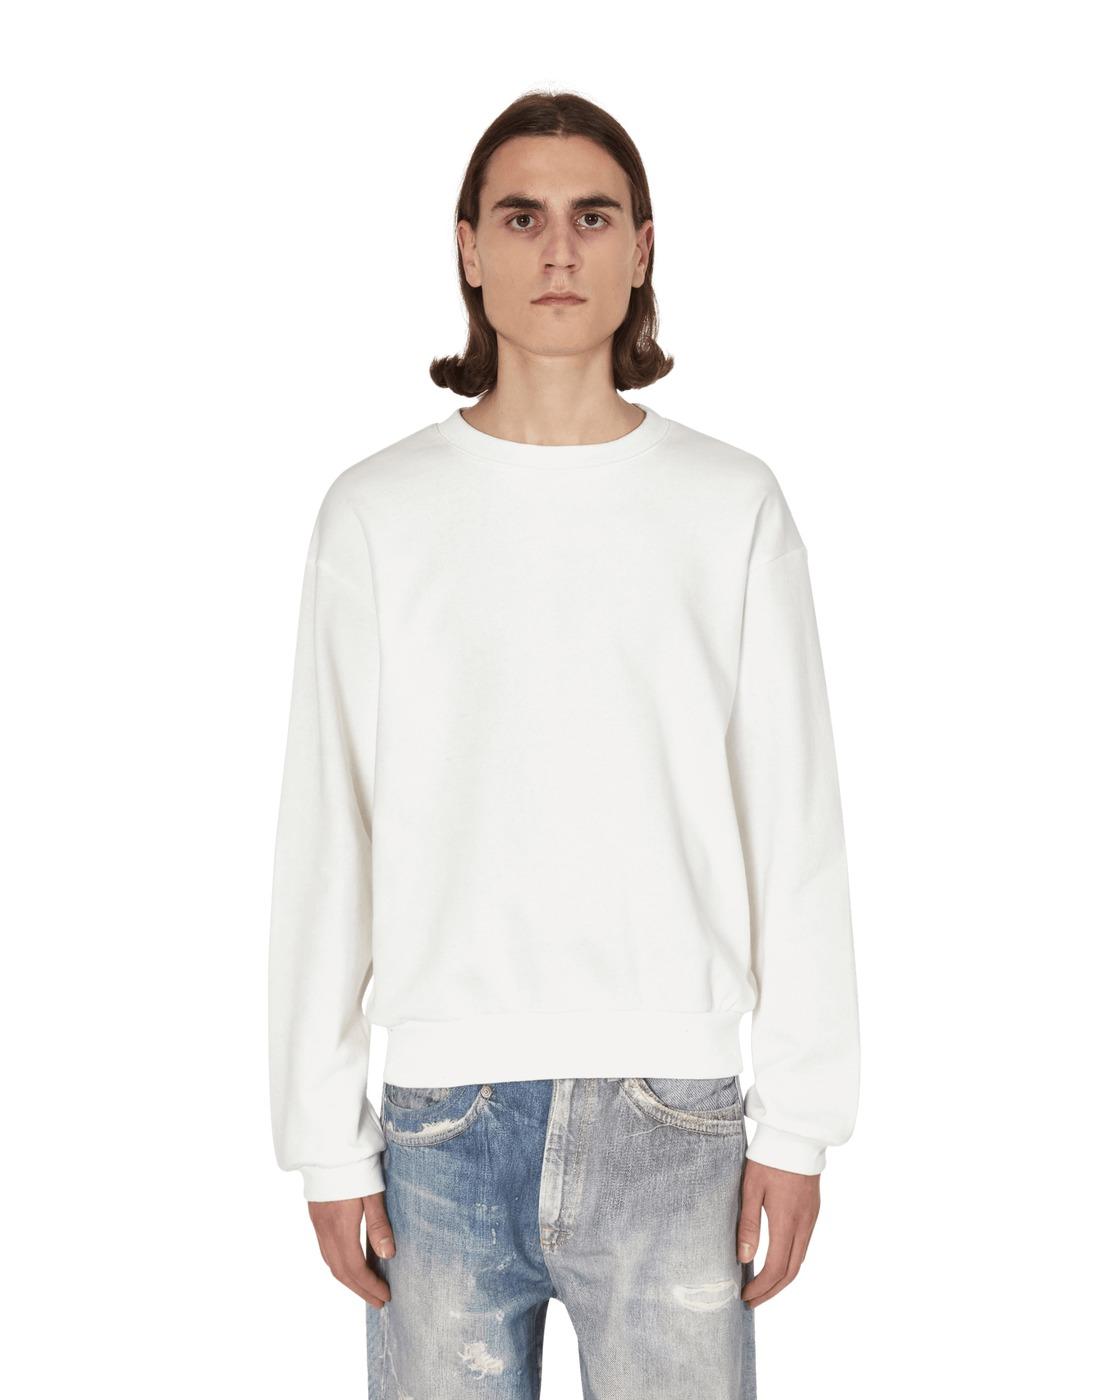 Kapital Smiley Elbow Patch Crewneck Sweatshirt White